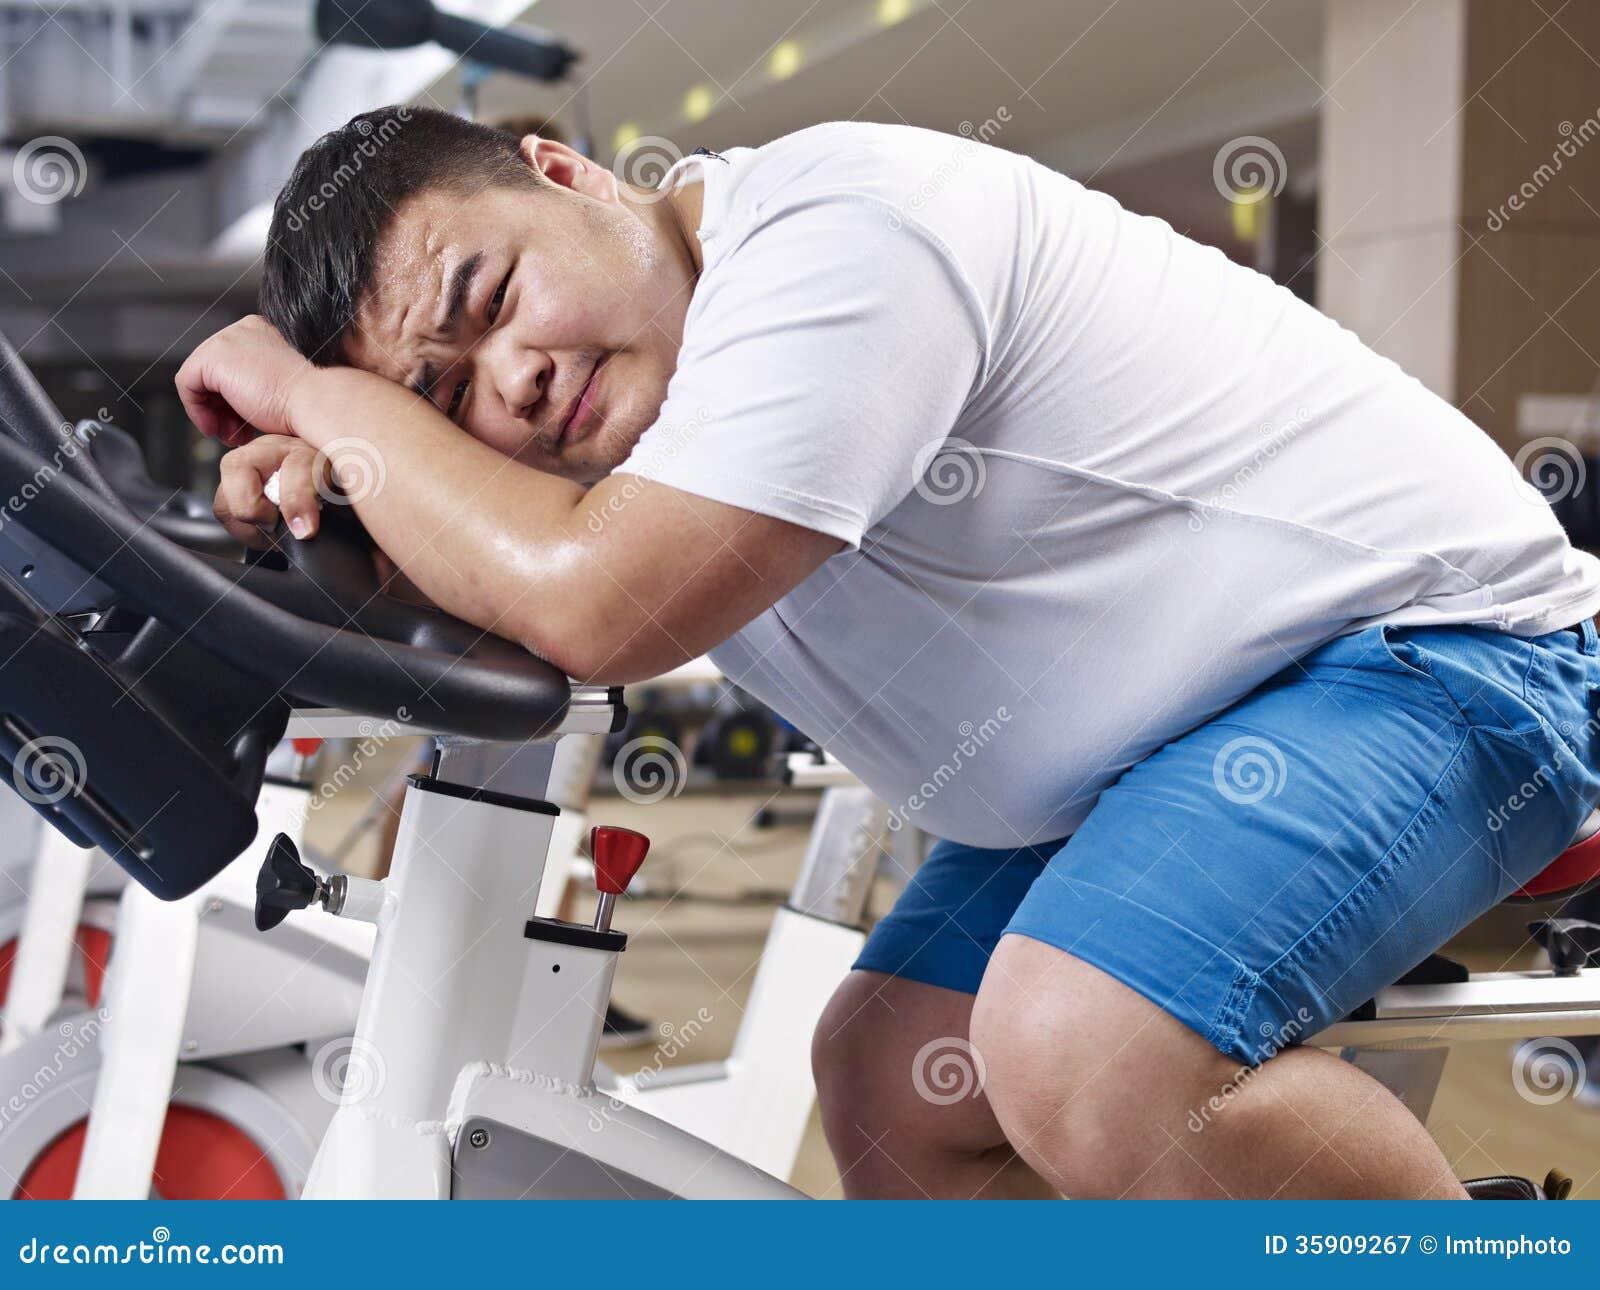 【筋肉デブ】デカい体を愛するスレ15【がちでぶ】 [無断転載禁止]©bbspink.comYouTube動画>26本 ->画像>456枚